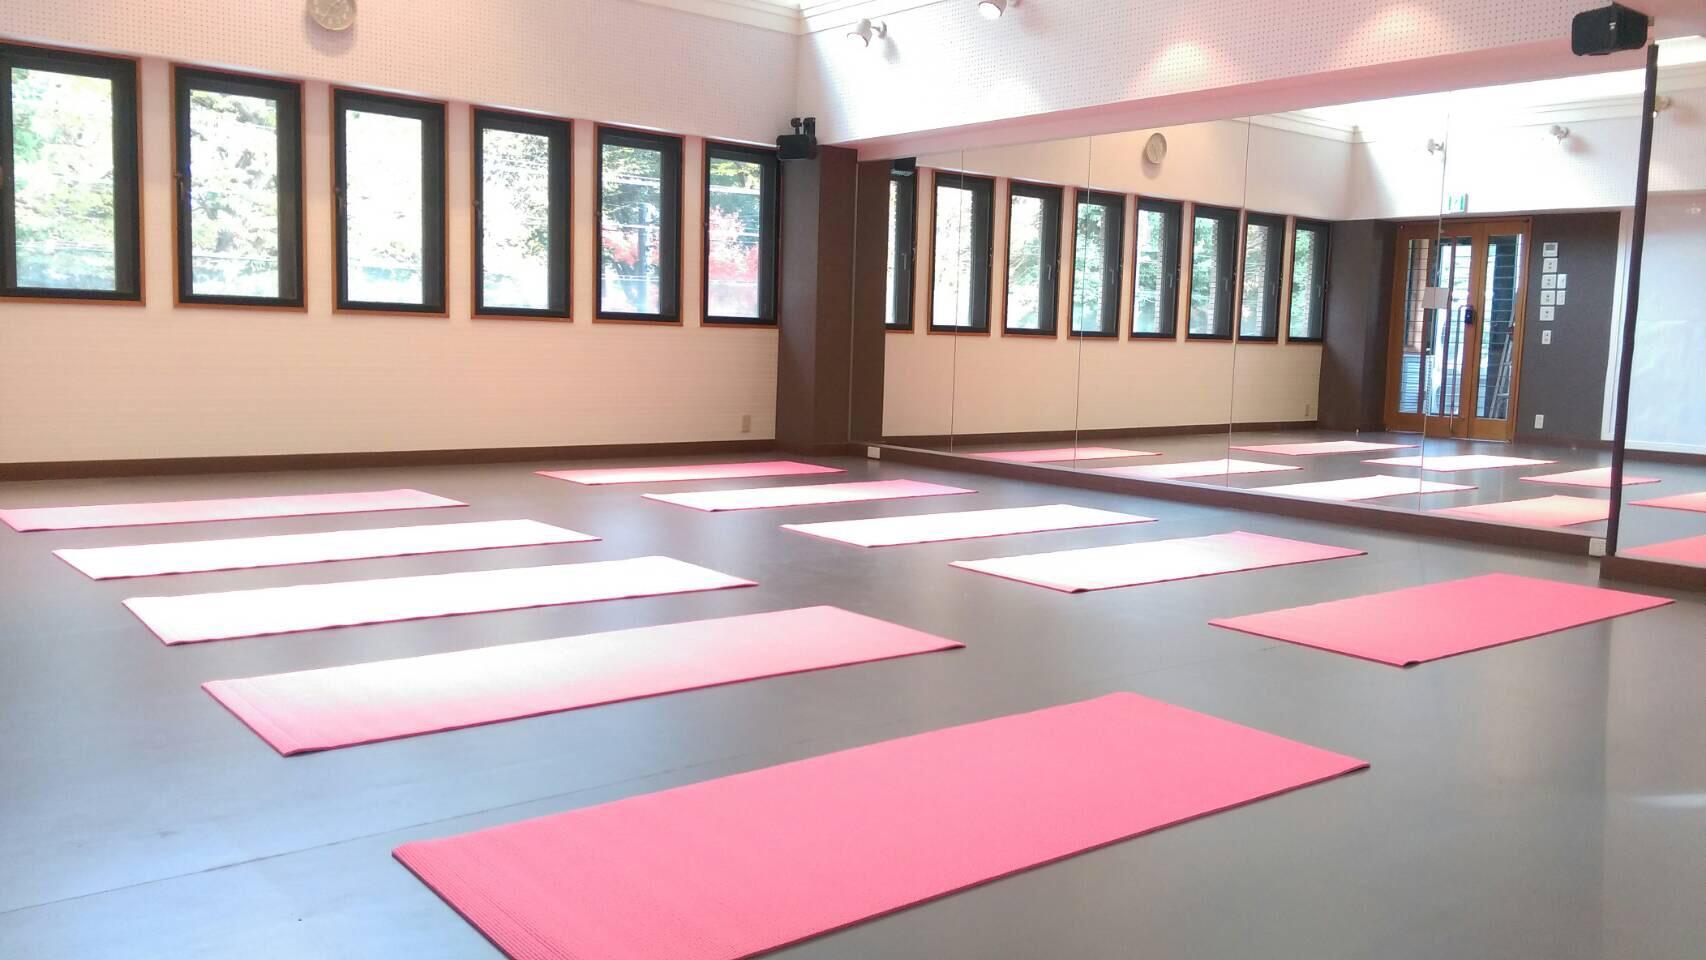 吉祥寺モリノスタジオの床はバレエ用+衝撃緩衝構造のイメージ